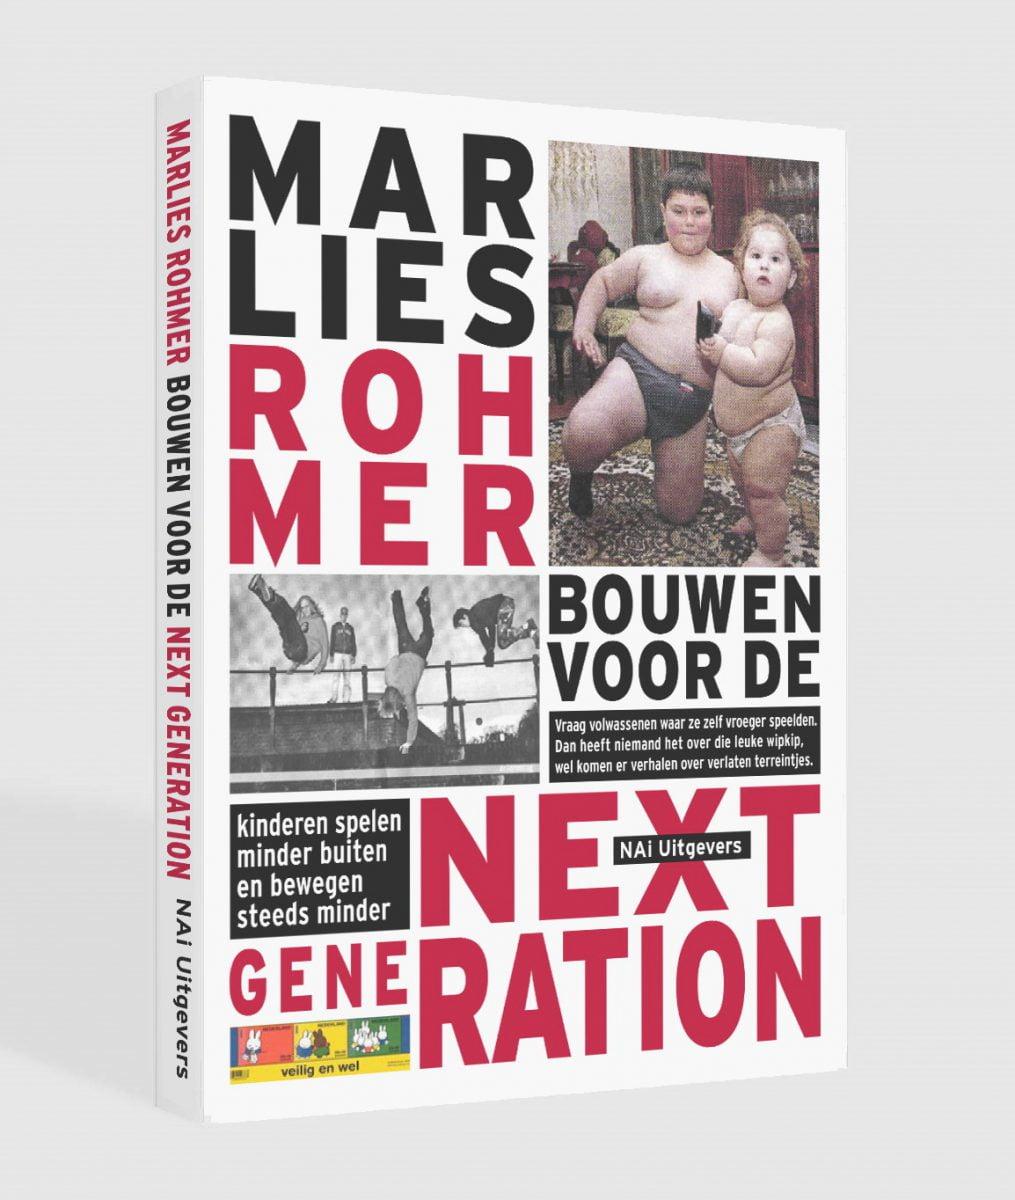 Marlies Rohmer, Bouwen voor de NEXT GENERATION, De veranderende leefwereld van jongeren, gezinnen in de stad, dikker wordende kinderen, beweging, brede stoep, de straat als dorp, opklimbare gebouwen, sportveld op het dak, onderzoek naar jongerencultuur